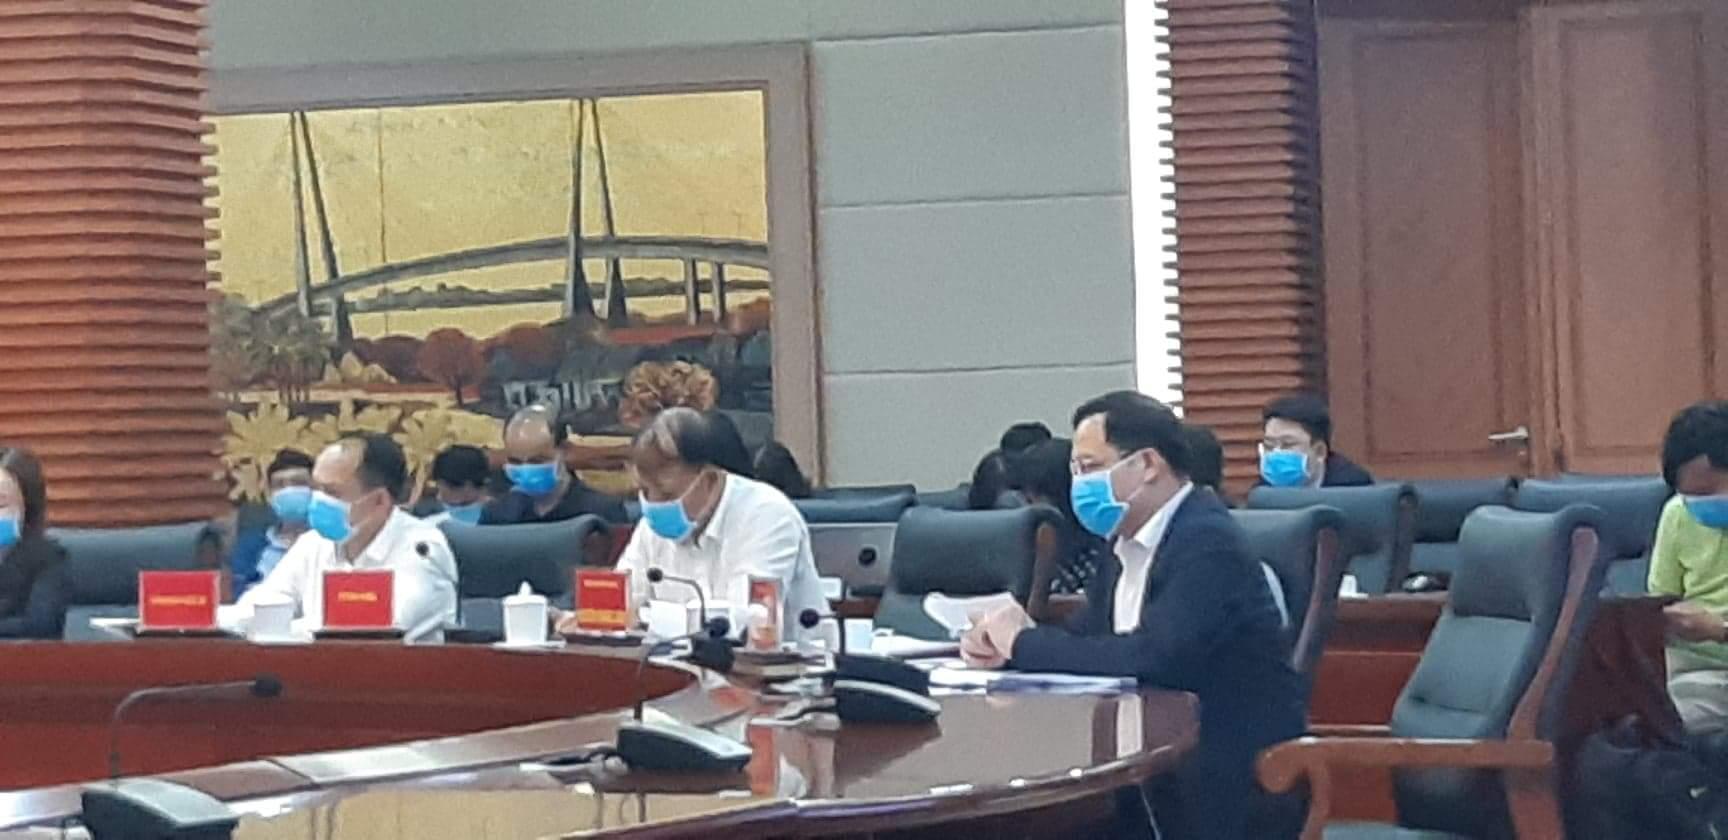 Dịch virus Vũ Hán GĐ Sở Công Thương Hải Phòng báo cáo 'lan man', bị phê bình tại hội nghị